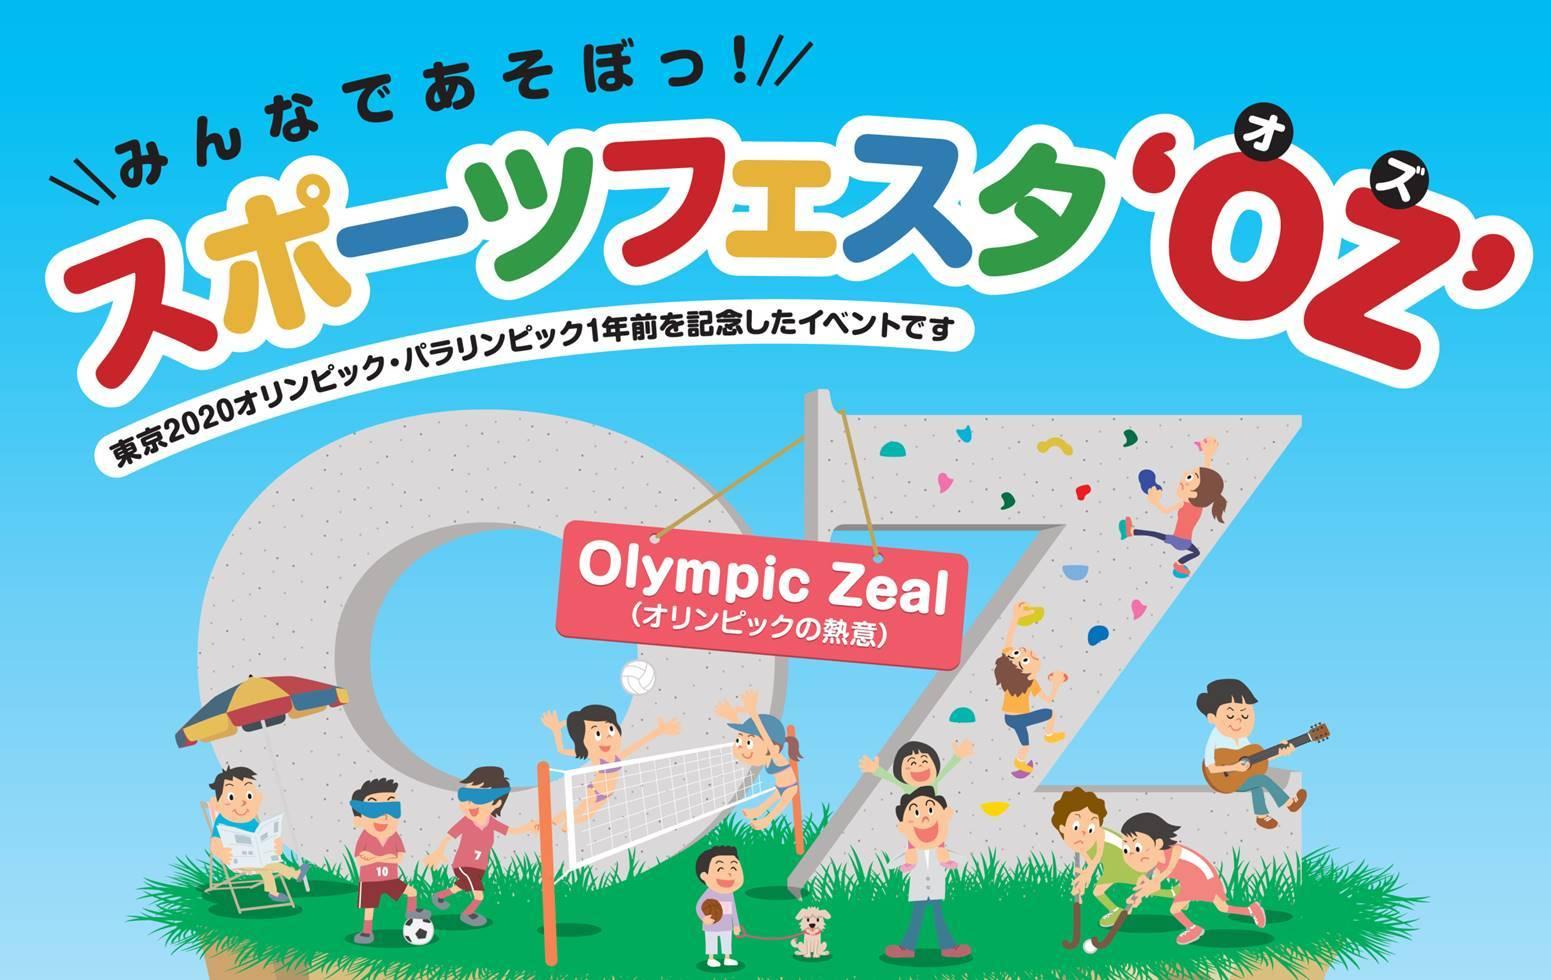 現役ビーチバレーボール選手の越川優さん出演決定! 7/28「みんなであそぼっ!スポーツフェスタOZ(オズ) ~ Olympic Zeal ~」